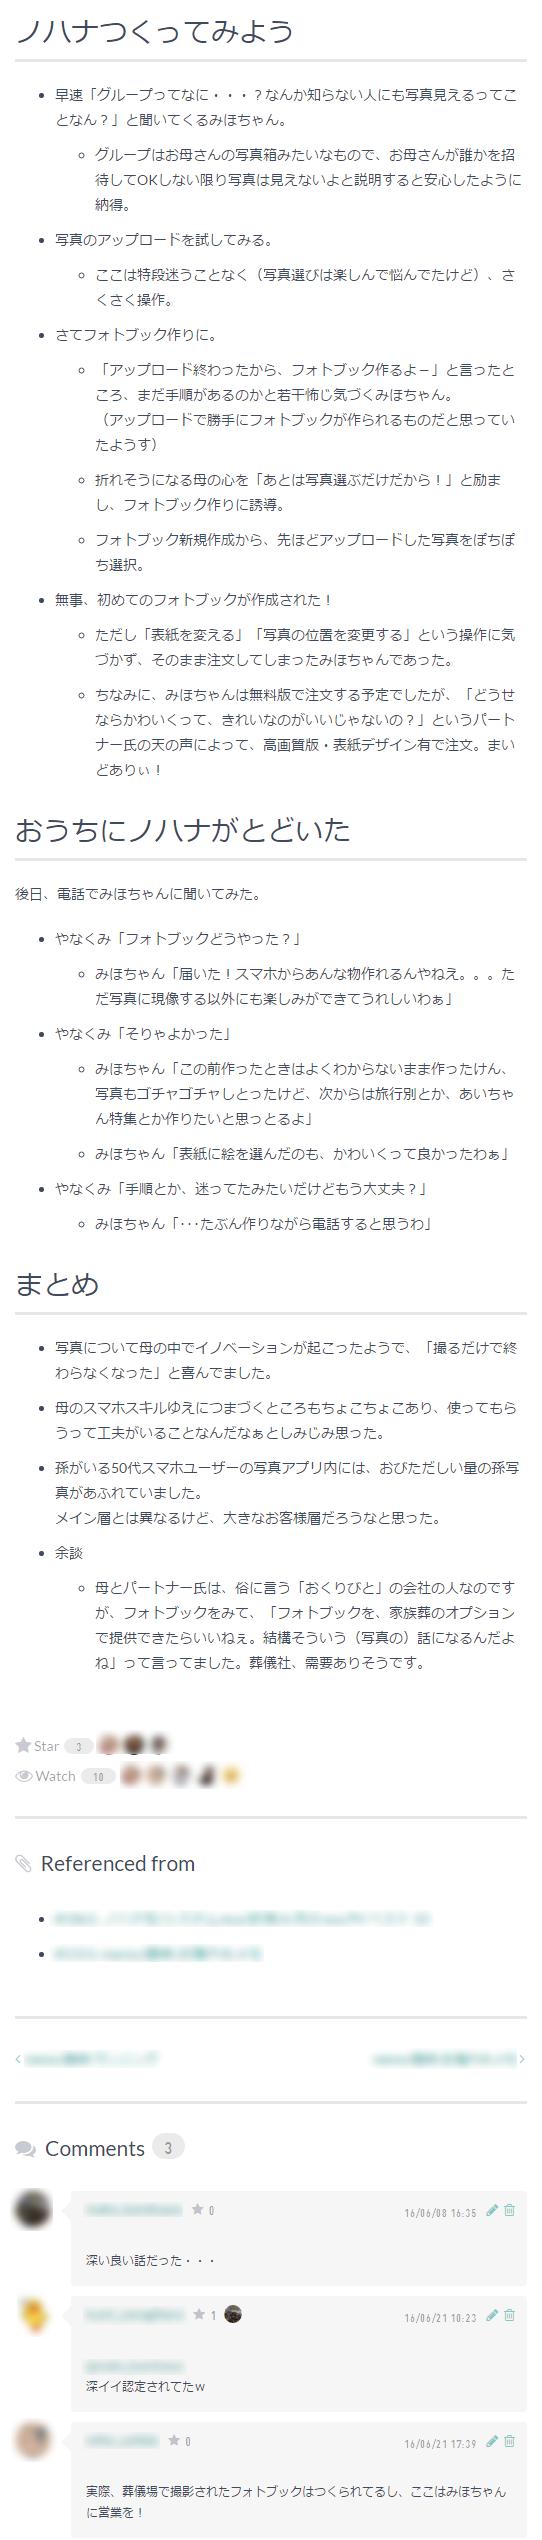 ミニトマト観察日記